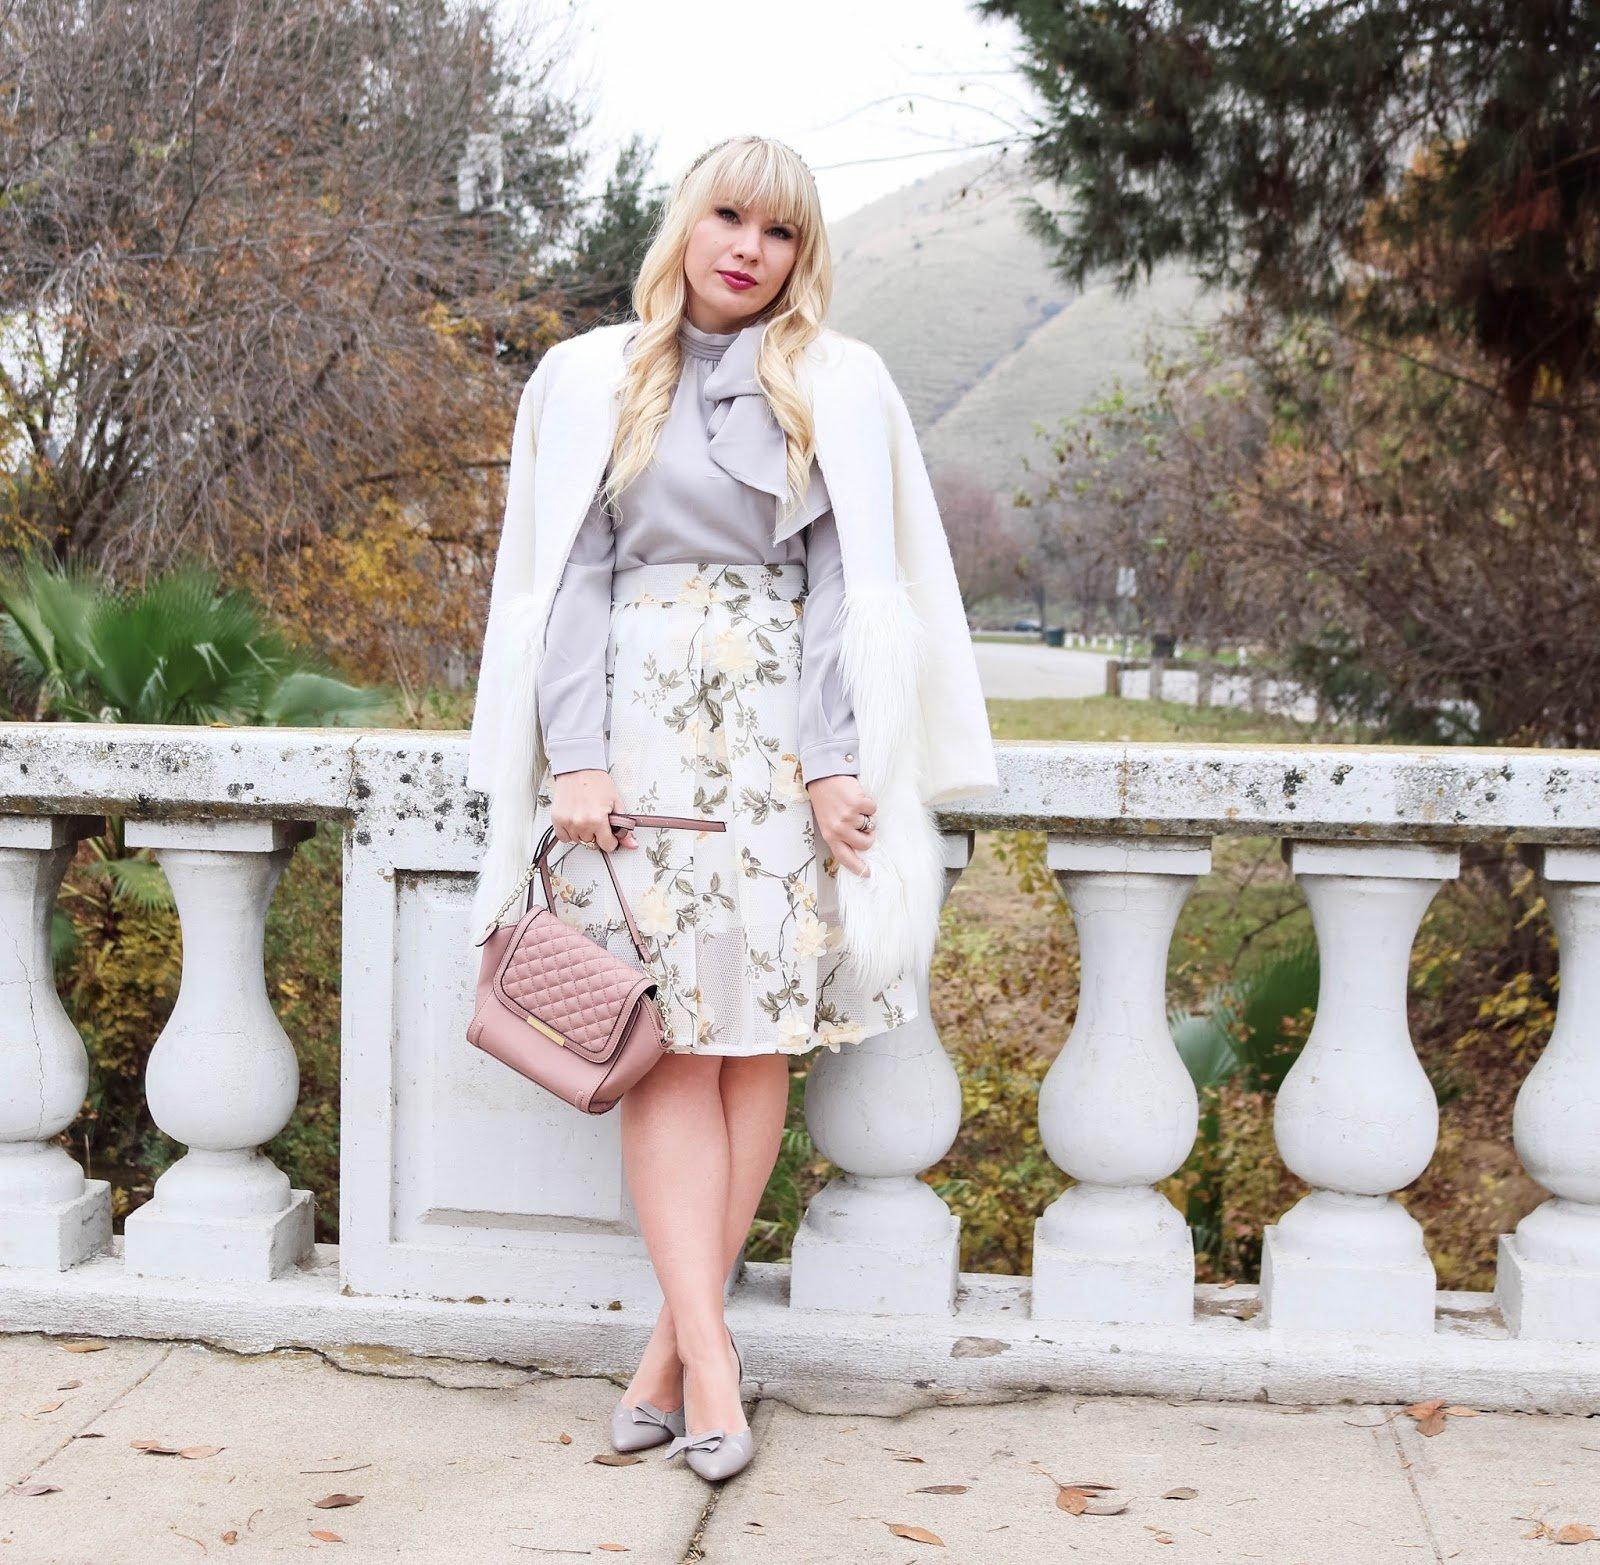 Elizabeth Hugen from Lizzie in Lace wears a white winter coat